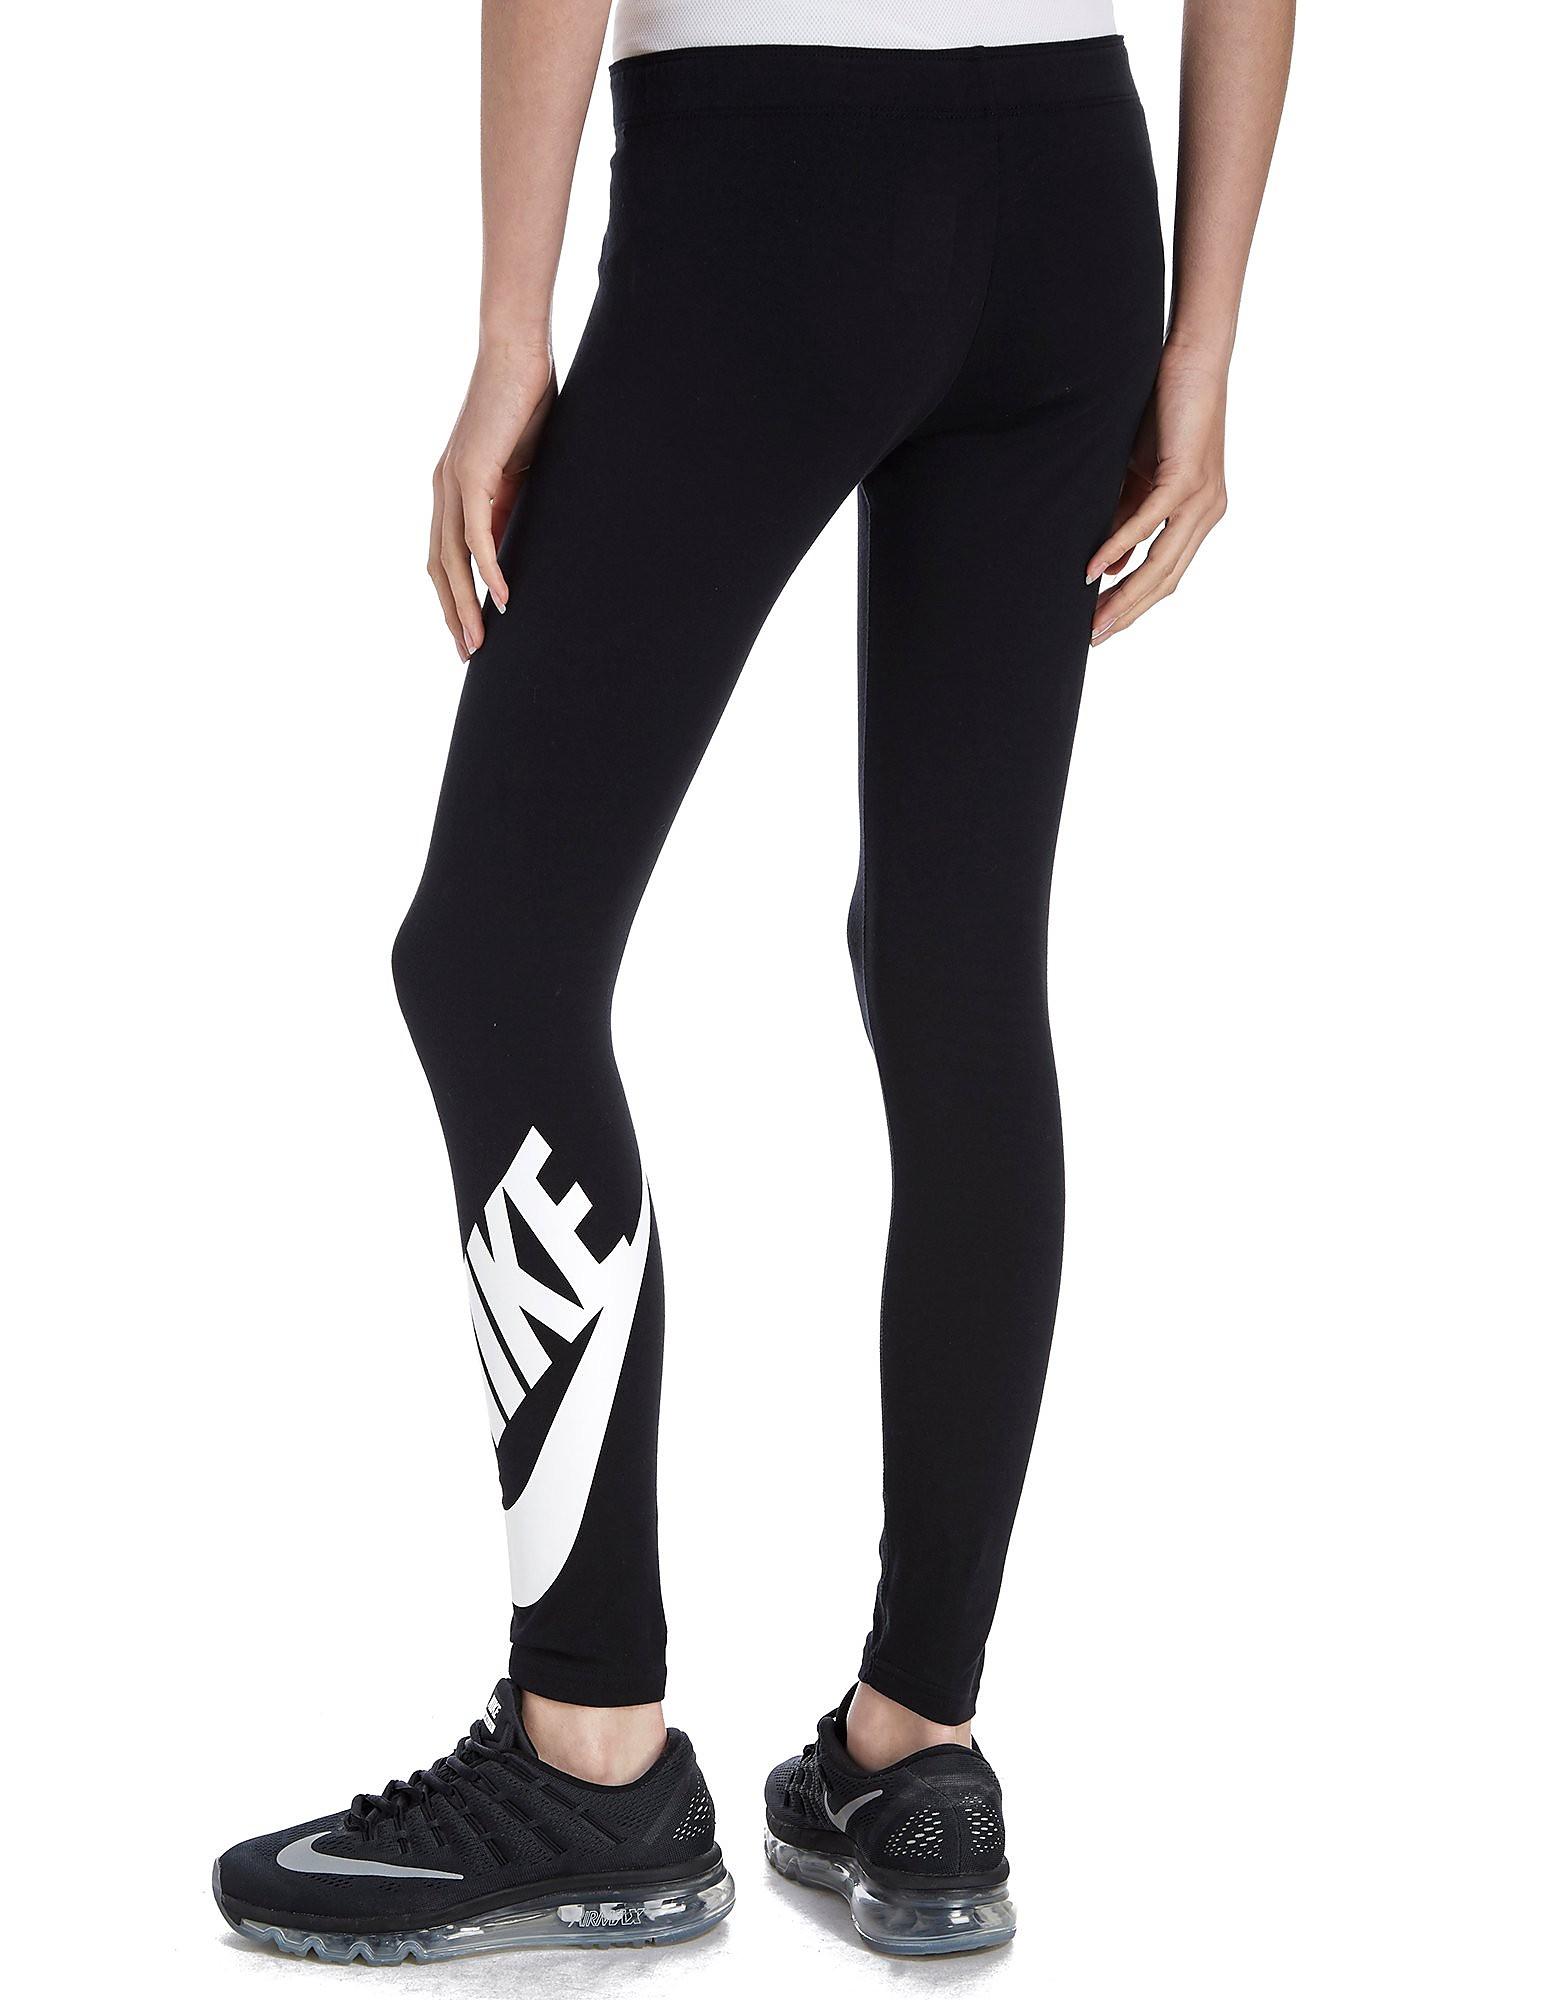 Nike Collant de fitness Leg A See junior pour fille